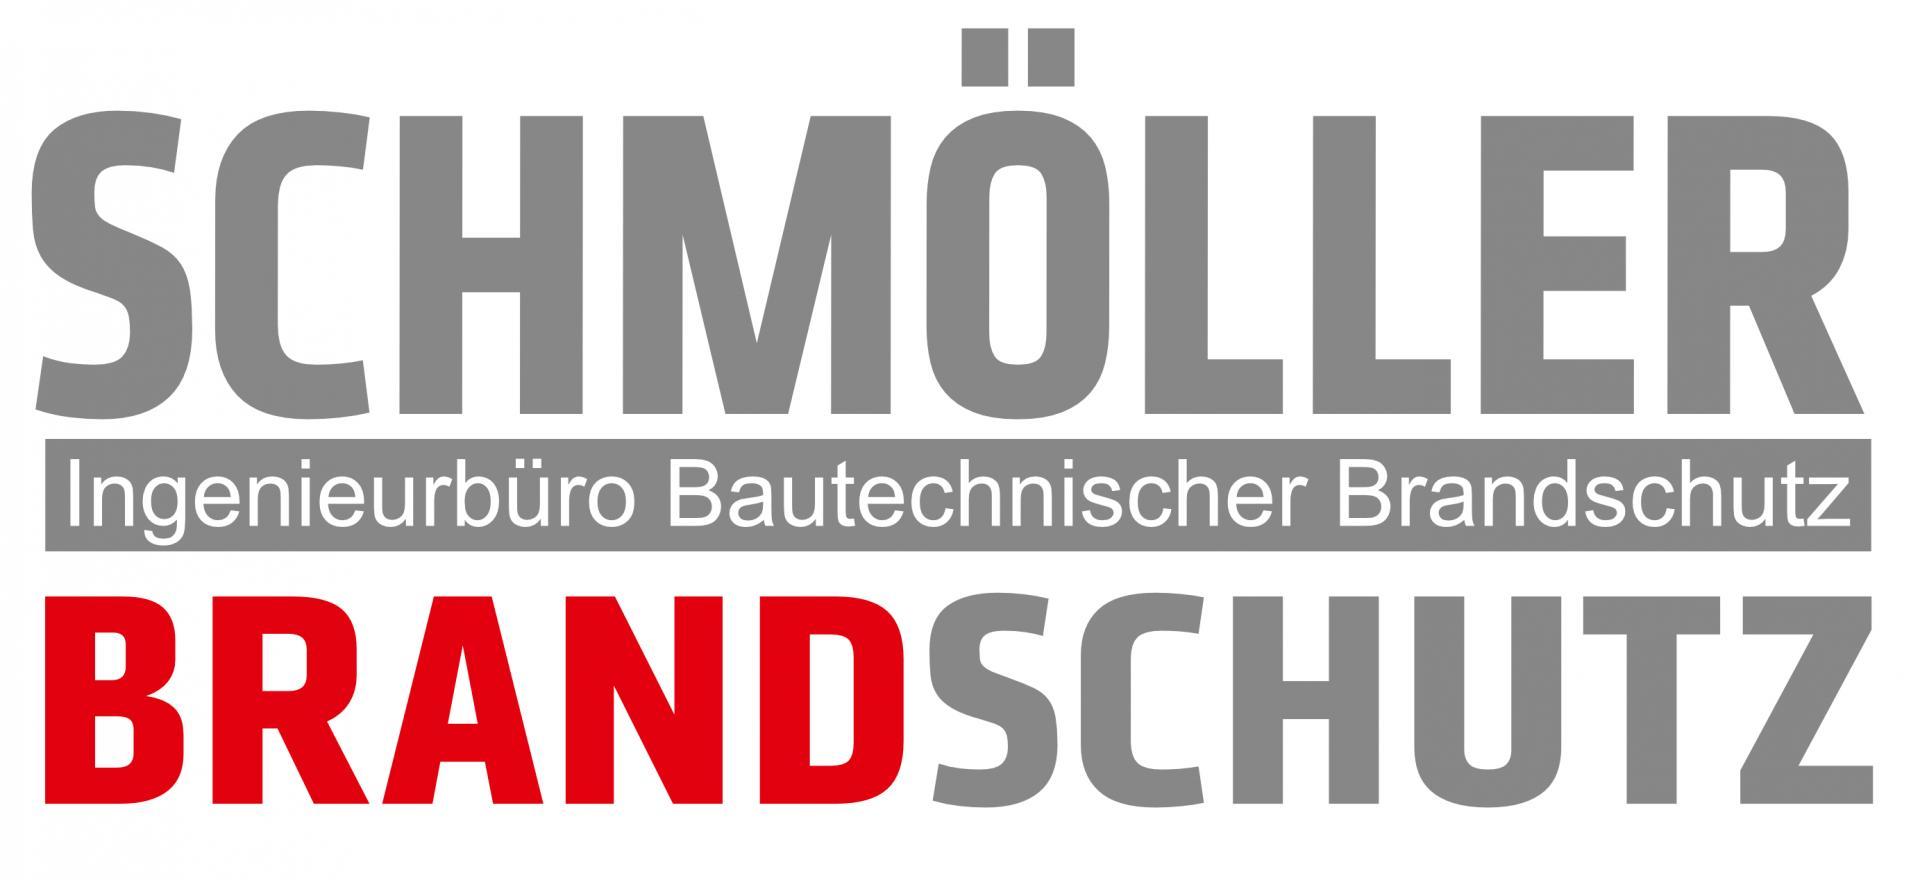 Schmöller